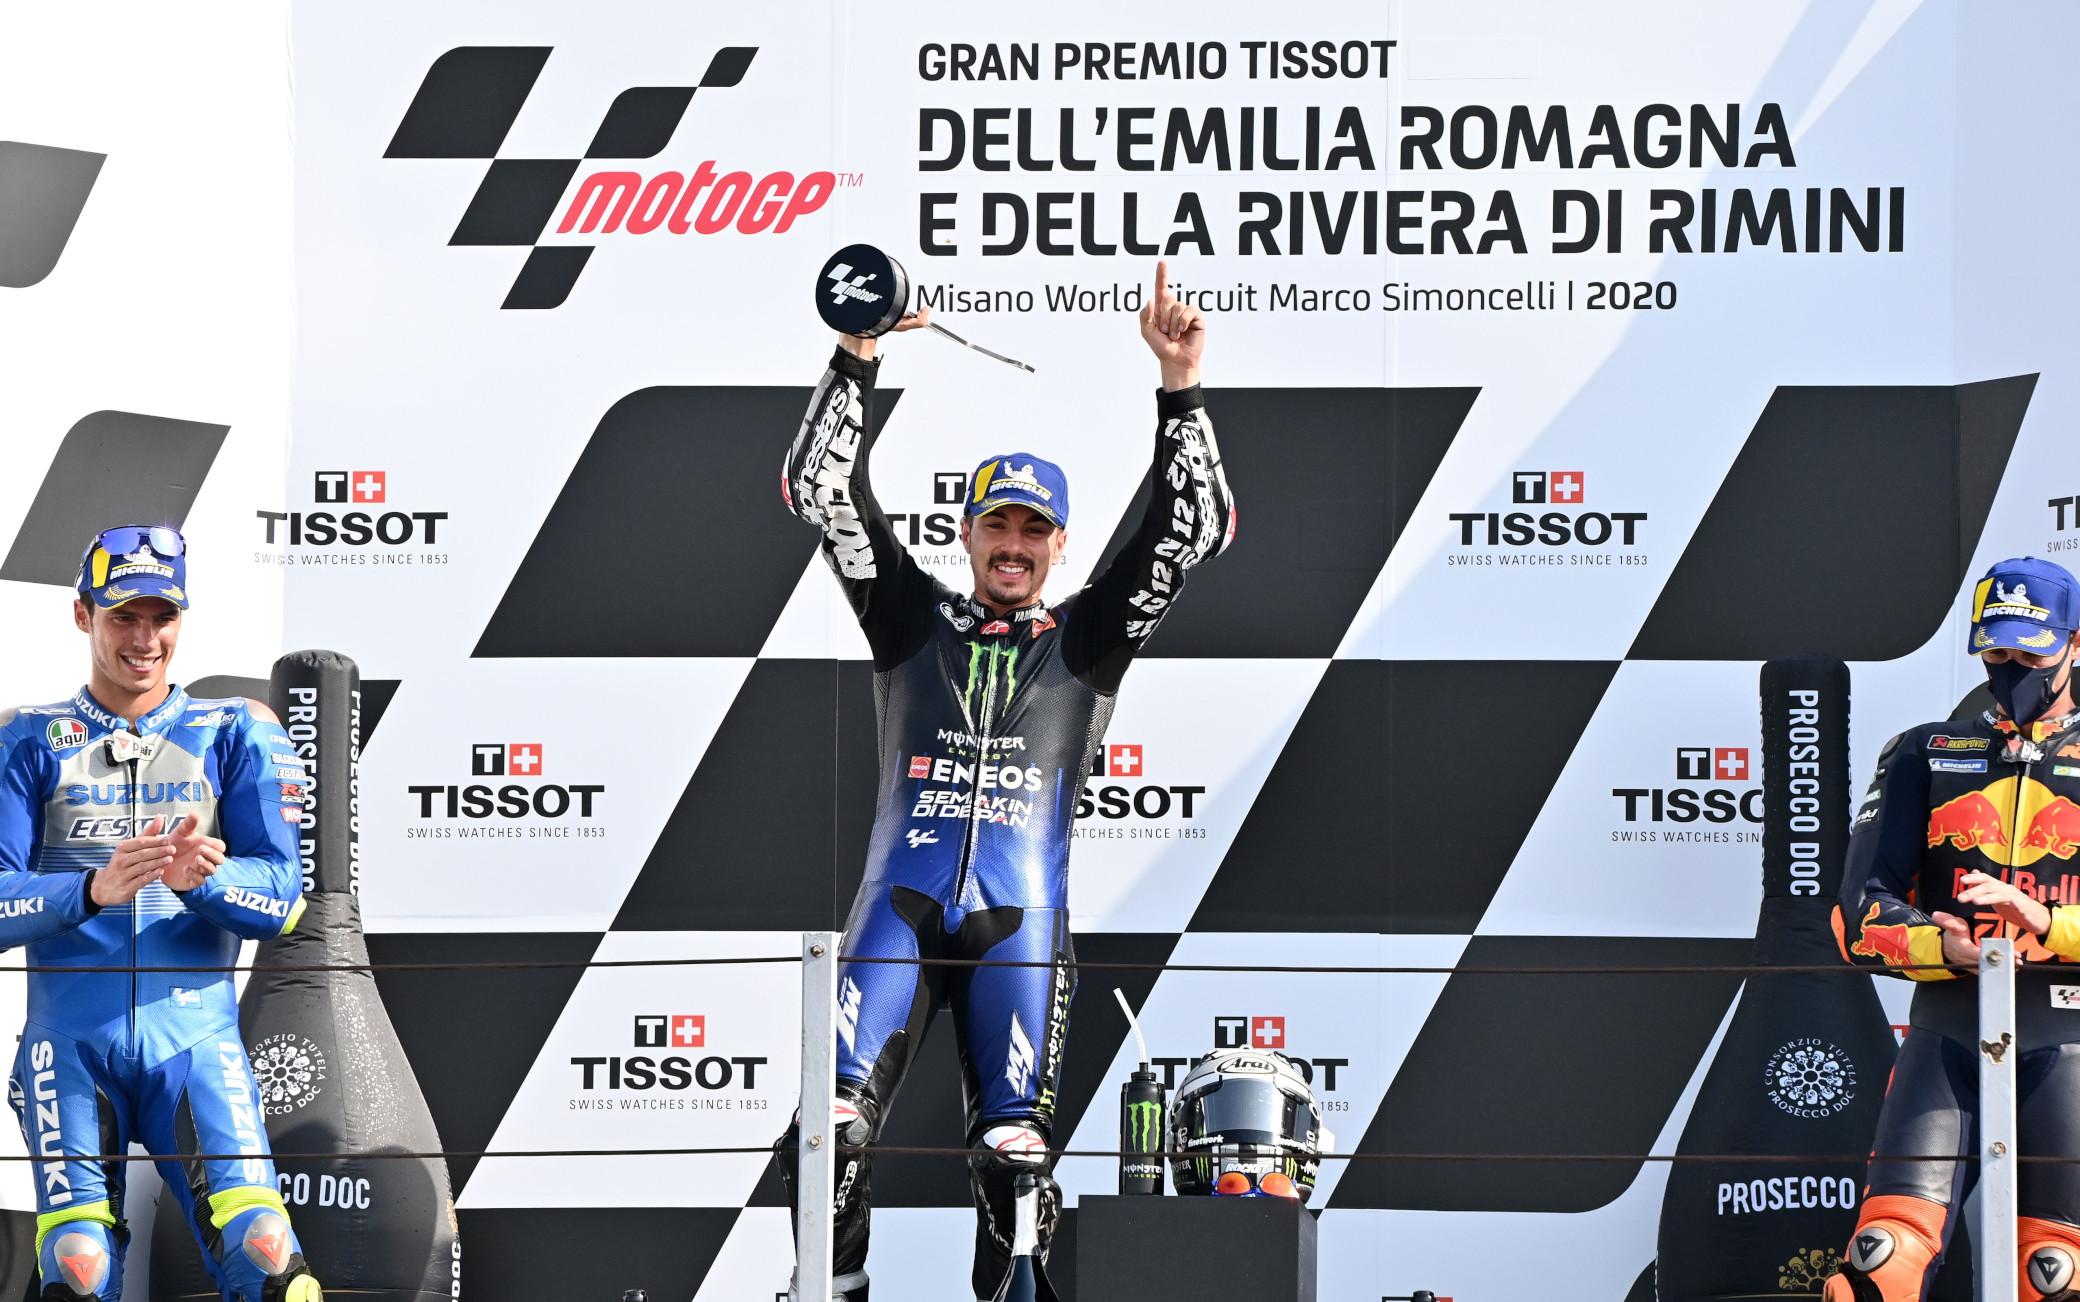 MotoGp, vince Vinales davanti a Mir e Quartararo